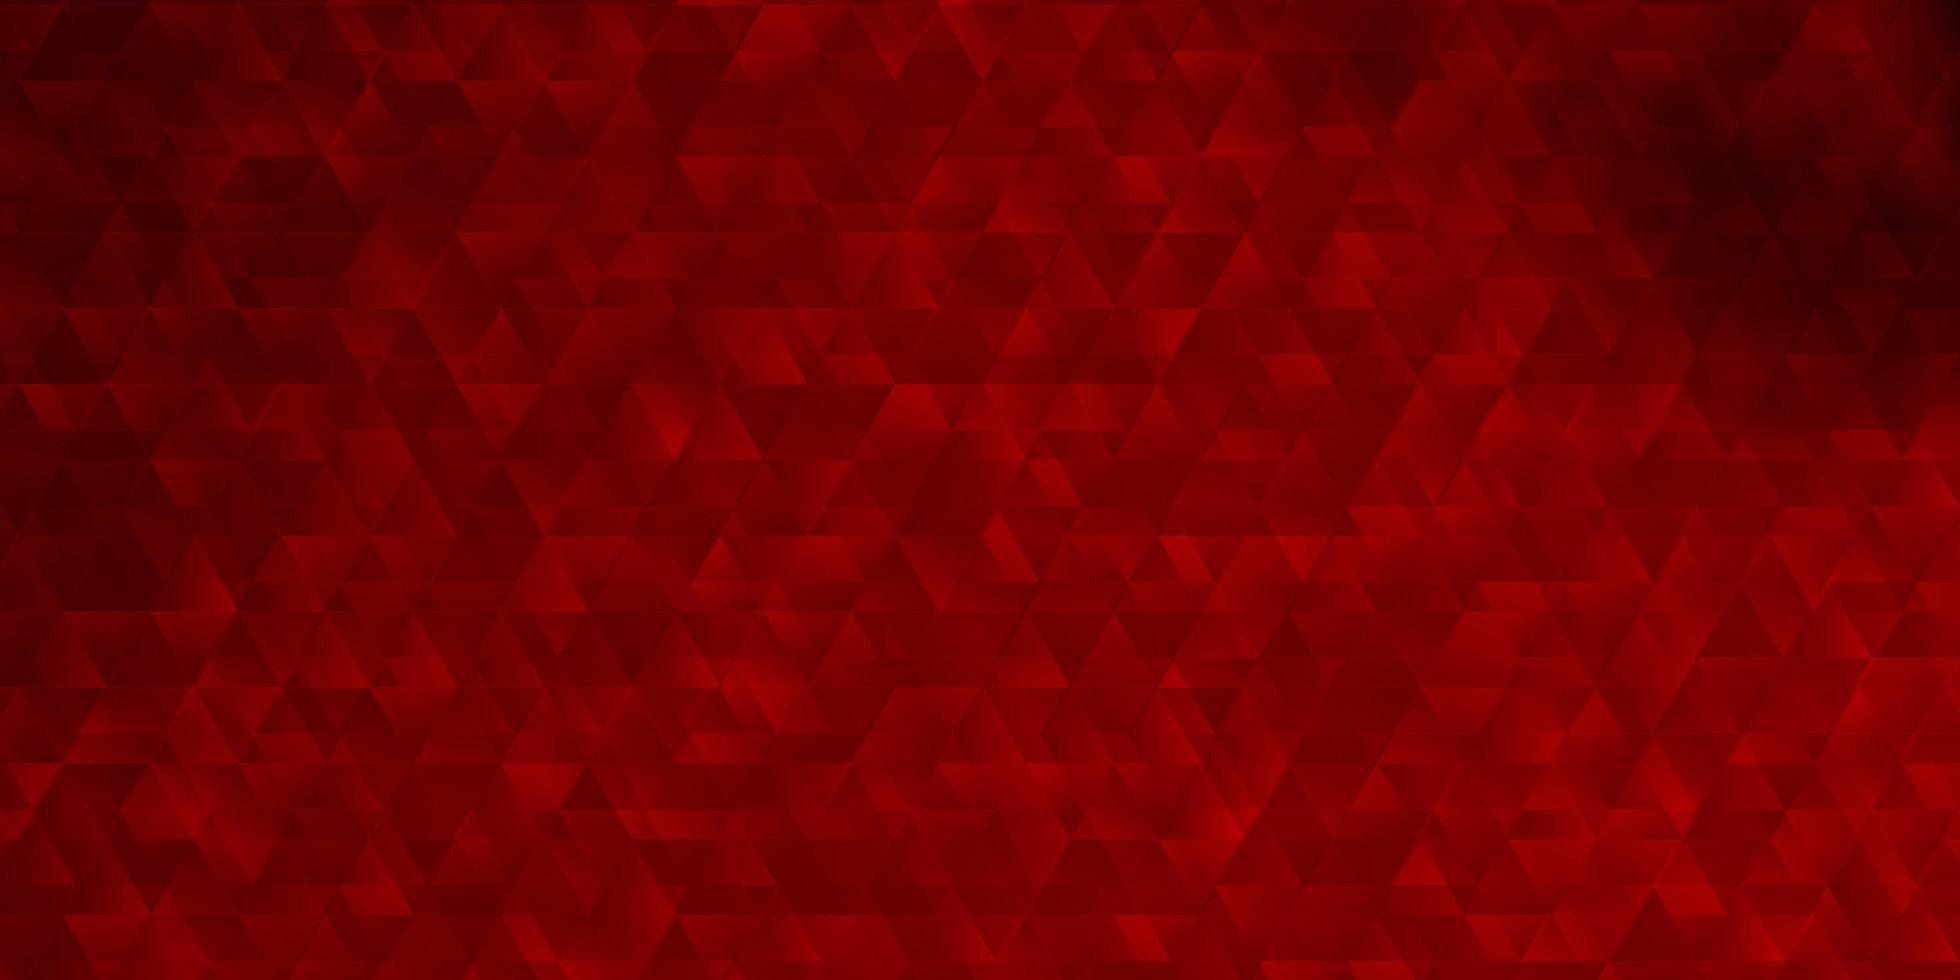 rode sjabloon met driehoeken. vector